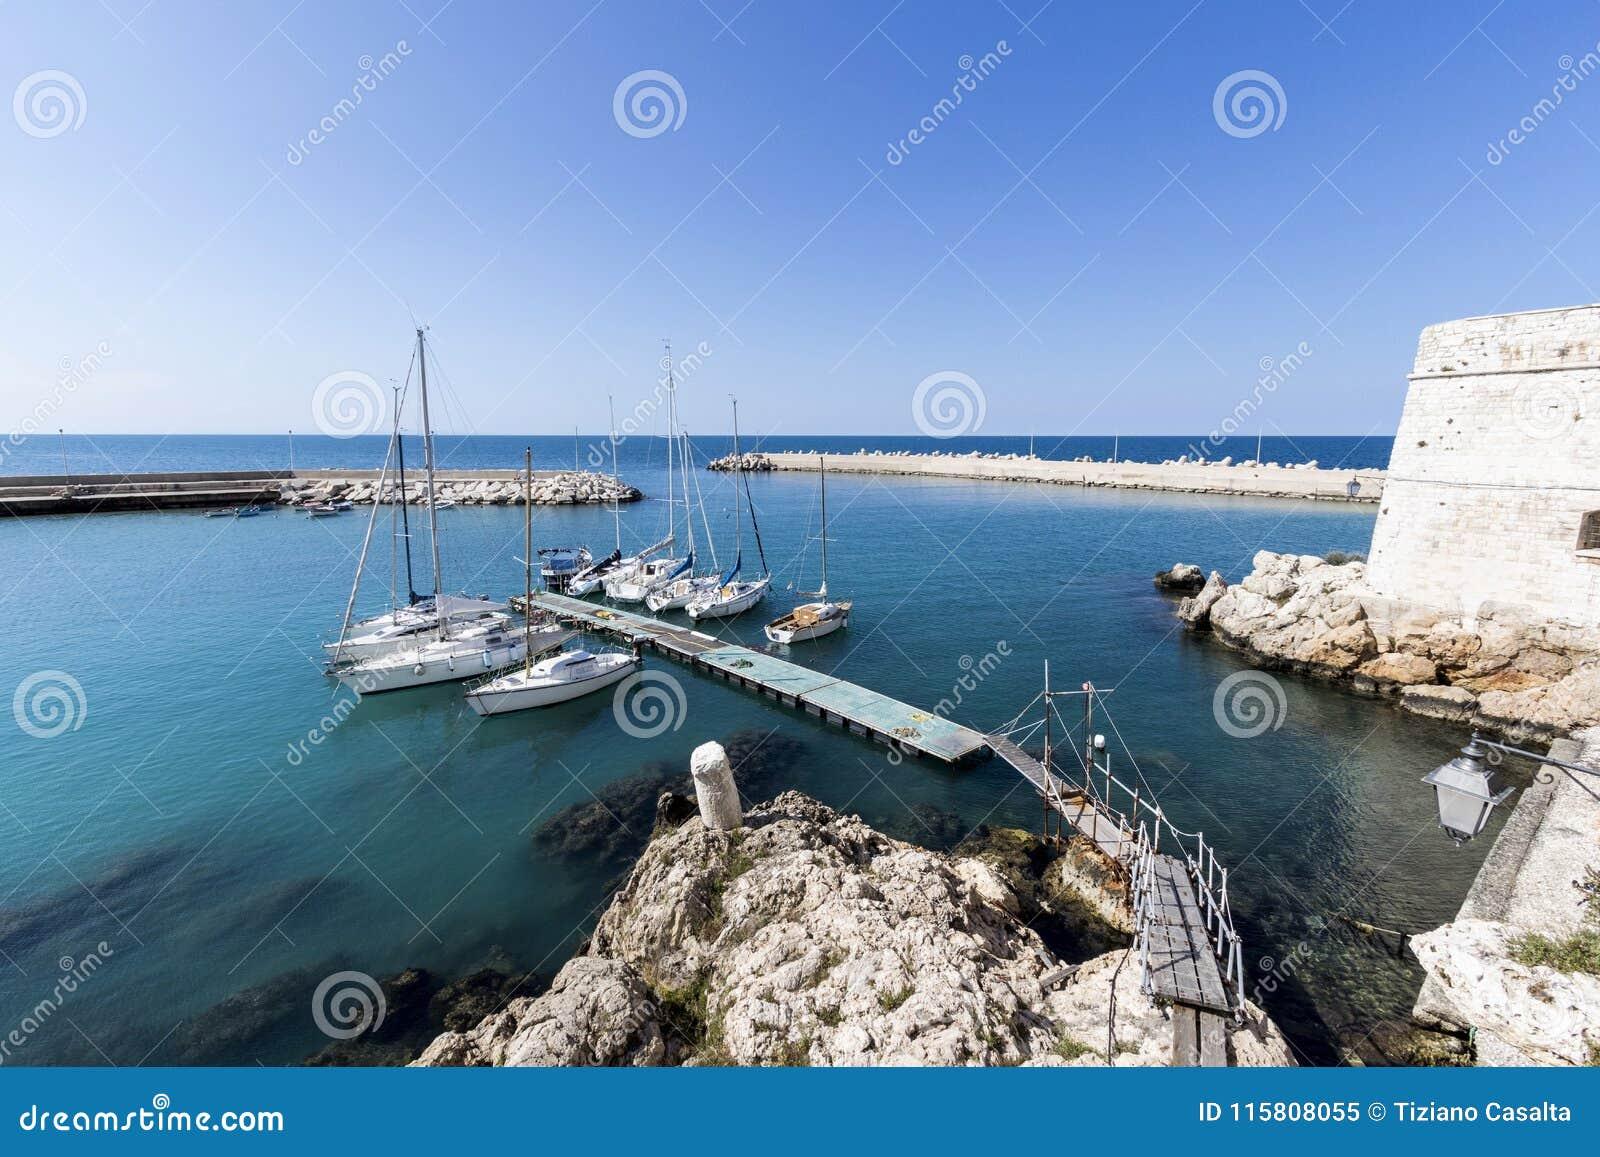 Seaport in Puglia italy